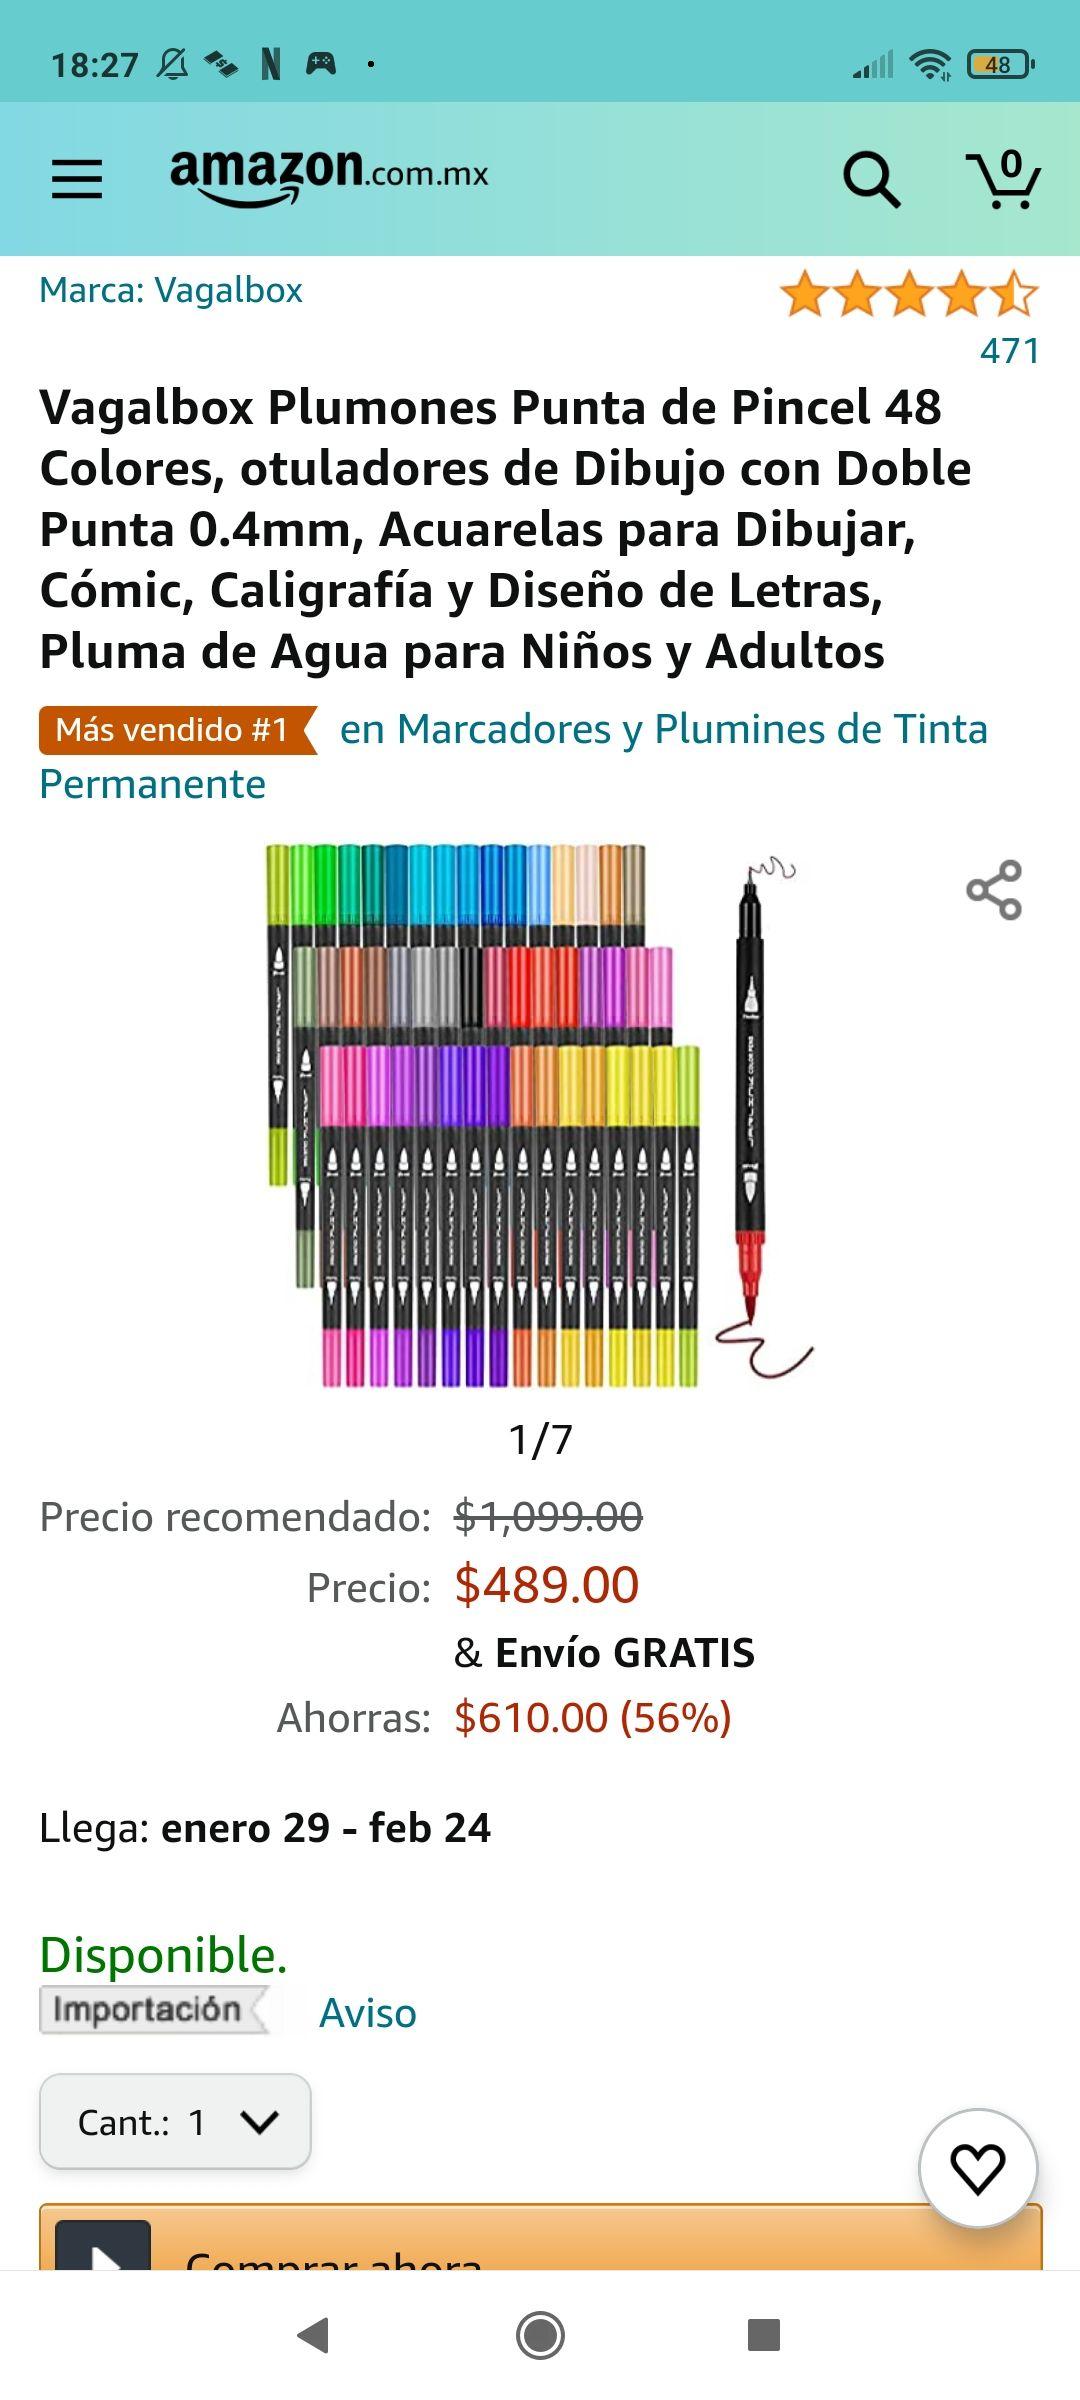 Amazon: Vagalbox Plumones Punta de Pincel 48 Colores, otuladores de Dibujo con Doble Punta 0.4mm